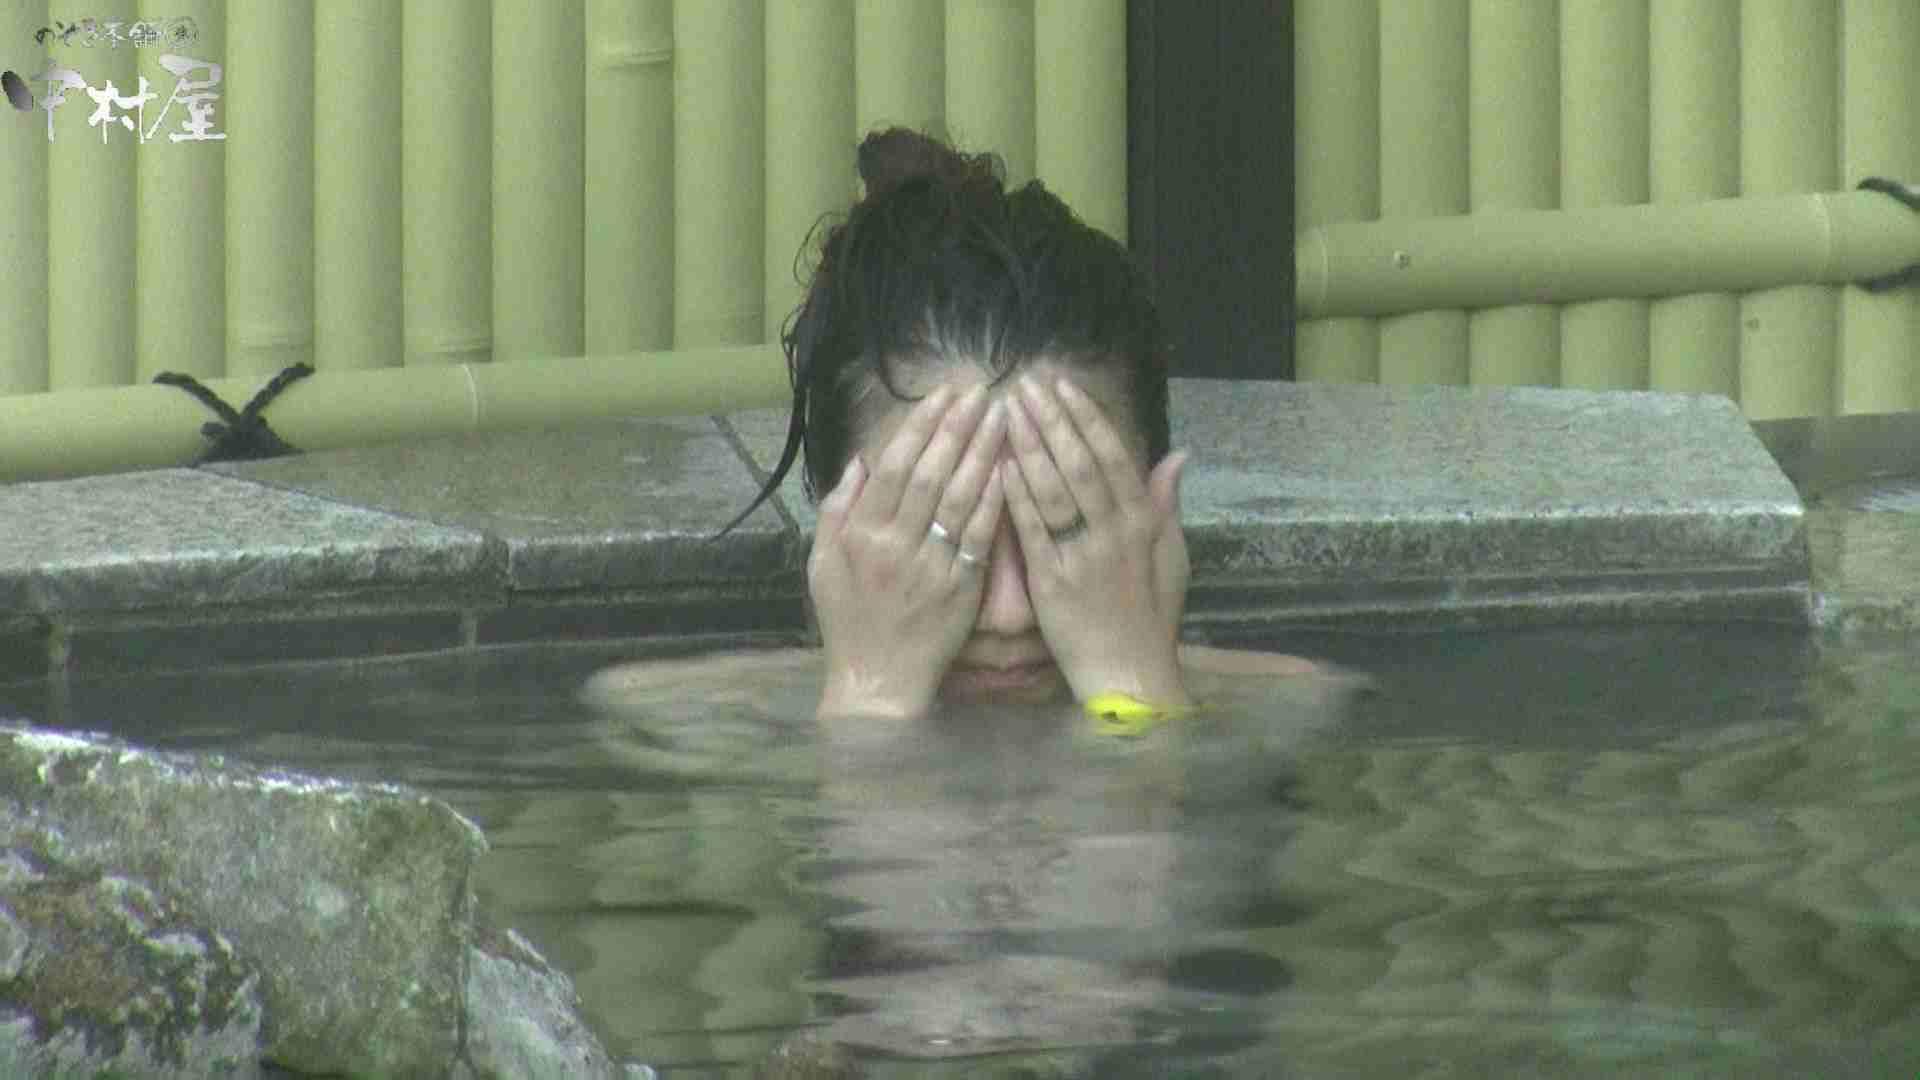 Aquaな露天風呂Vol.969 女体盗撮  40連発 6